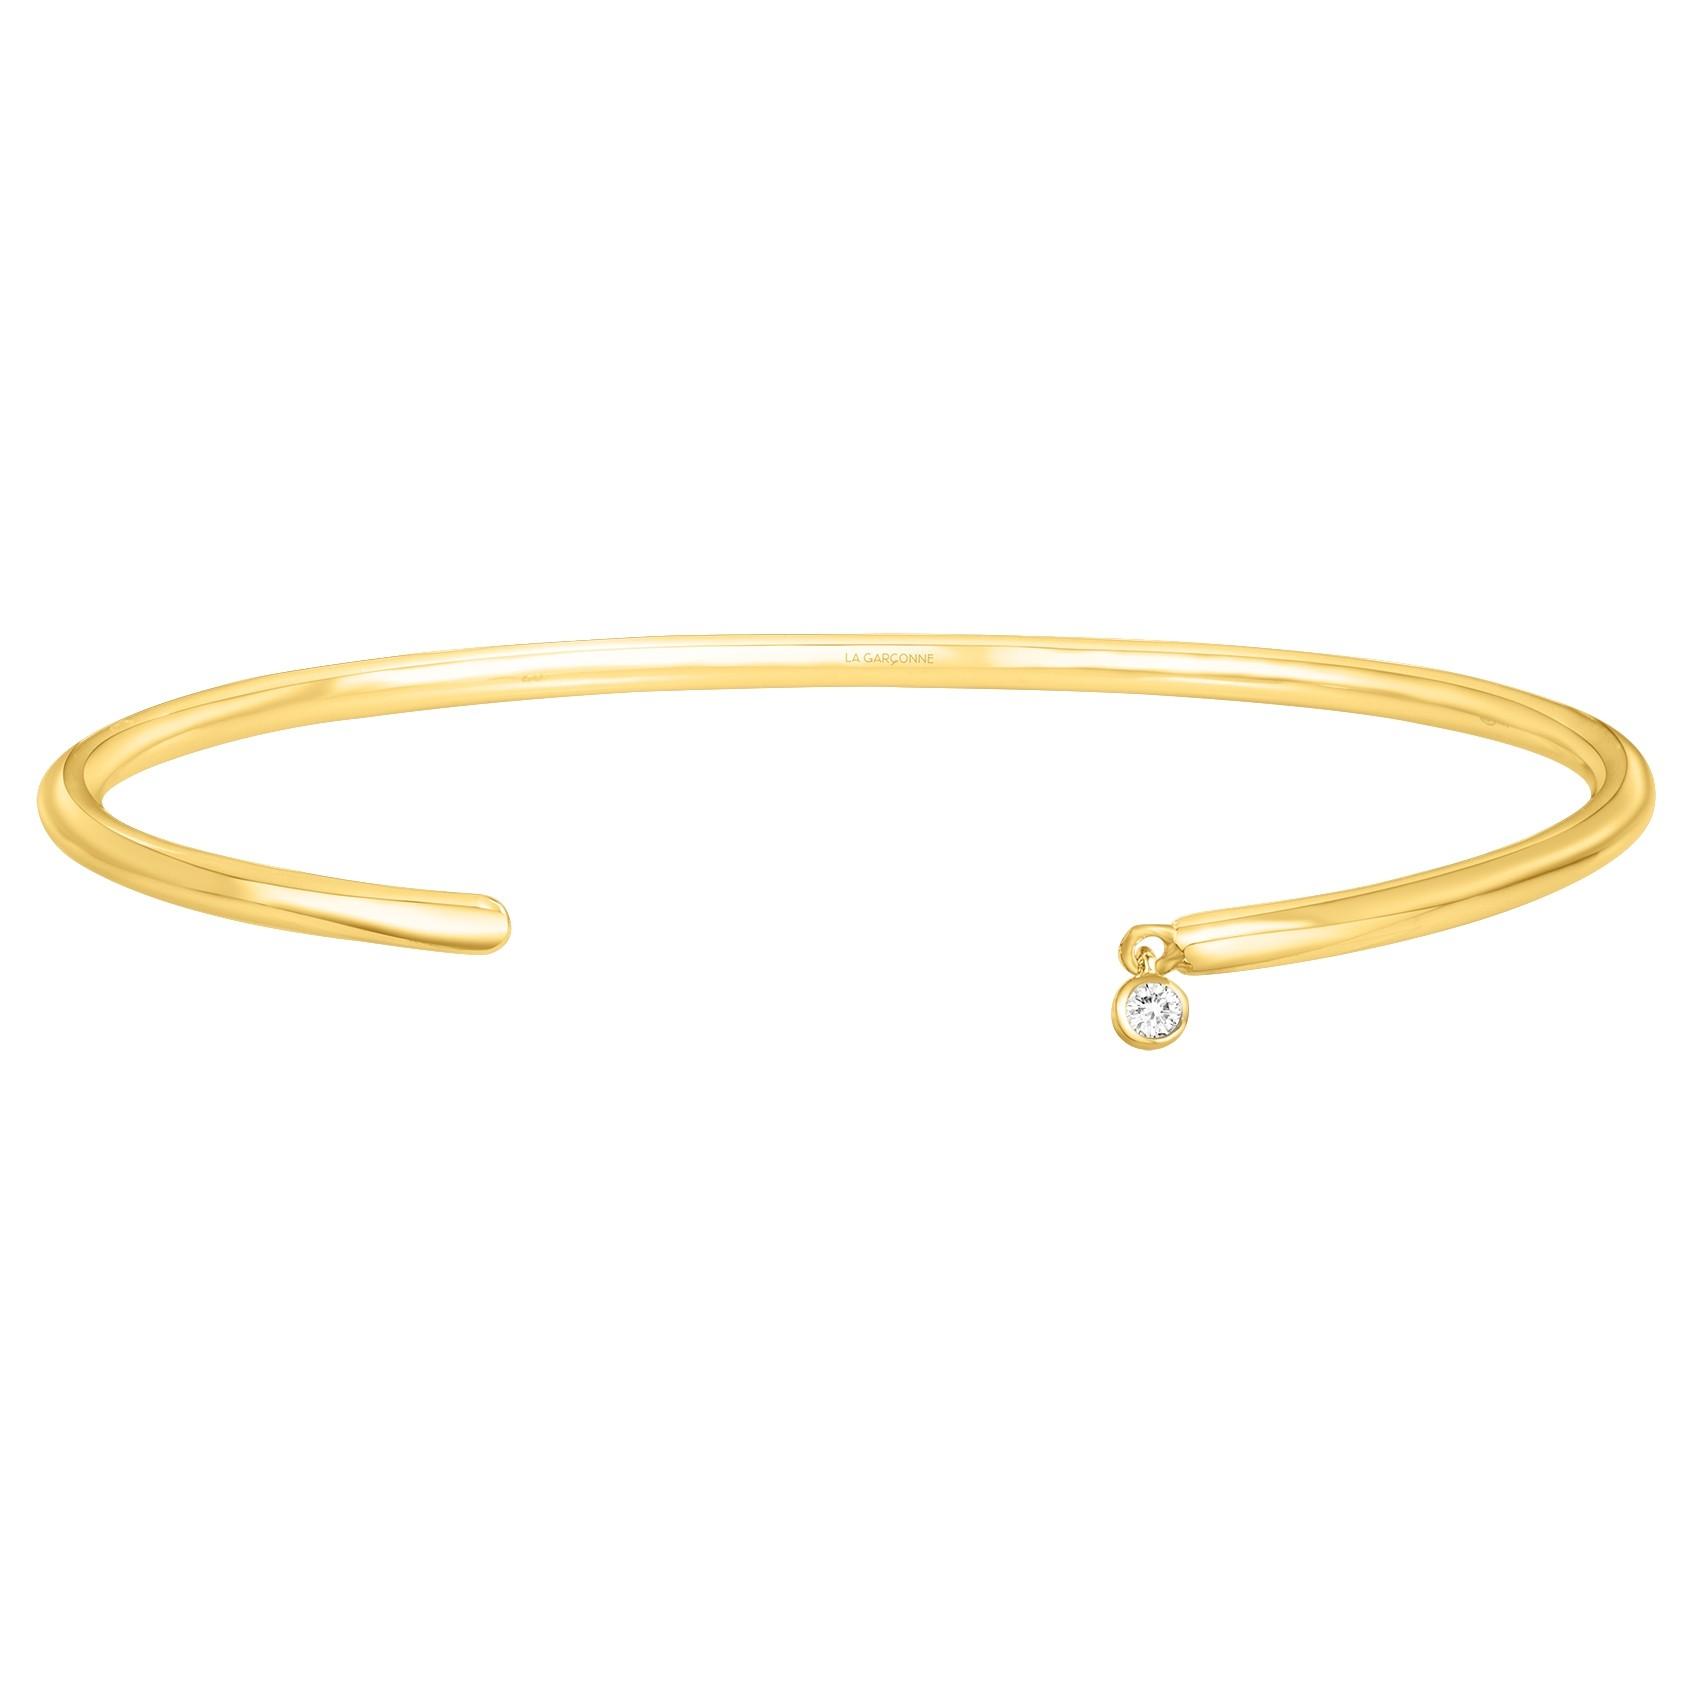 Bracelet plaqué or 750 millièmes Femme La Garçonne Diamant